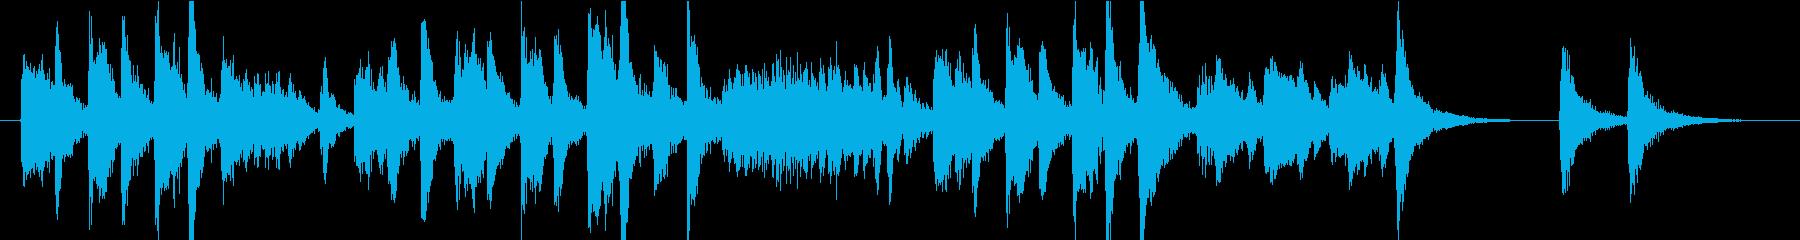 現代的 交響曲 室内楽 モダン プ...の再生済みの波形